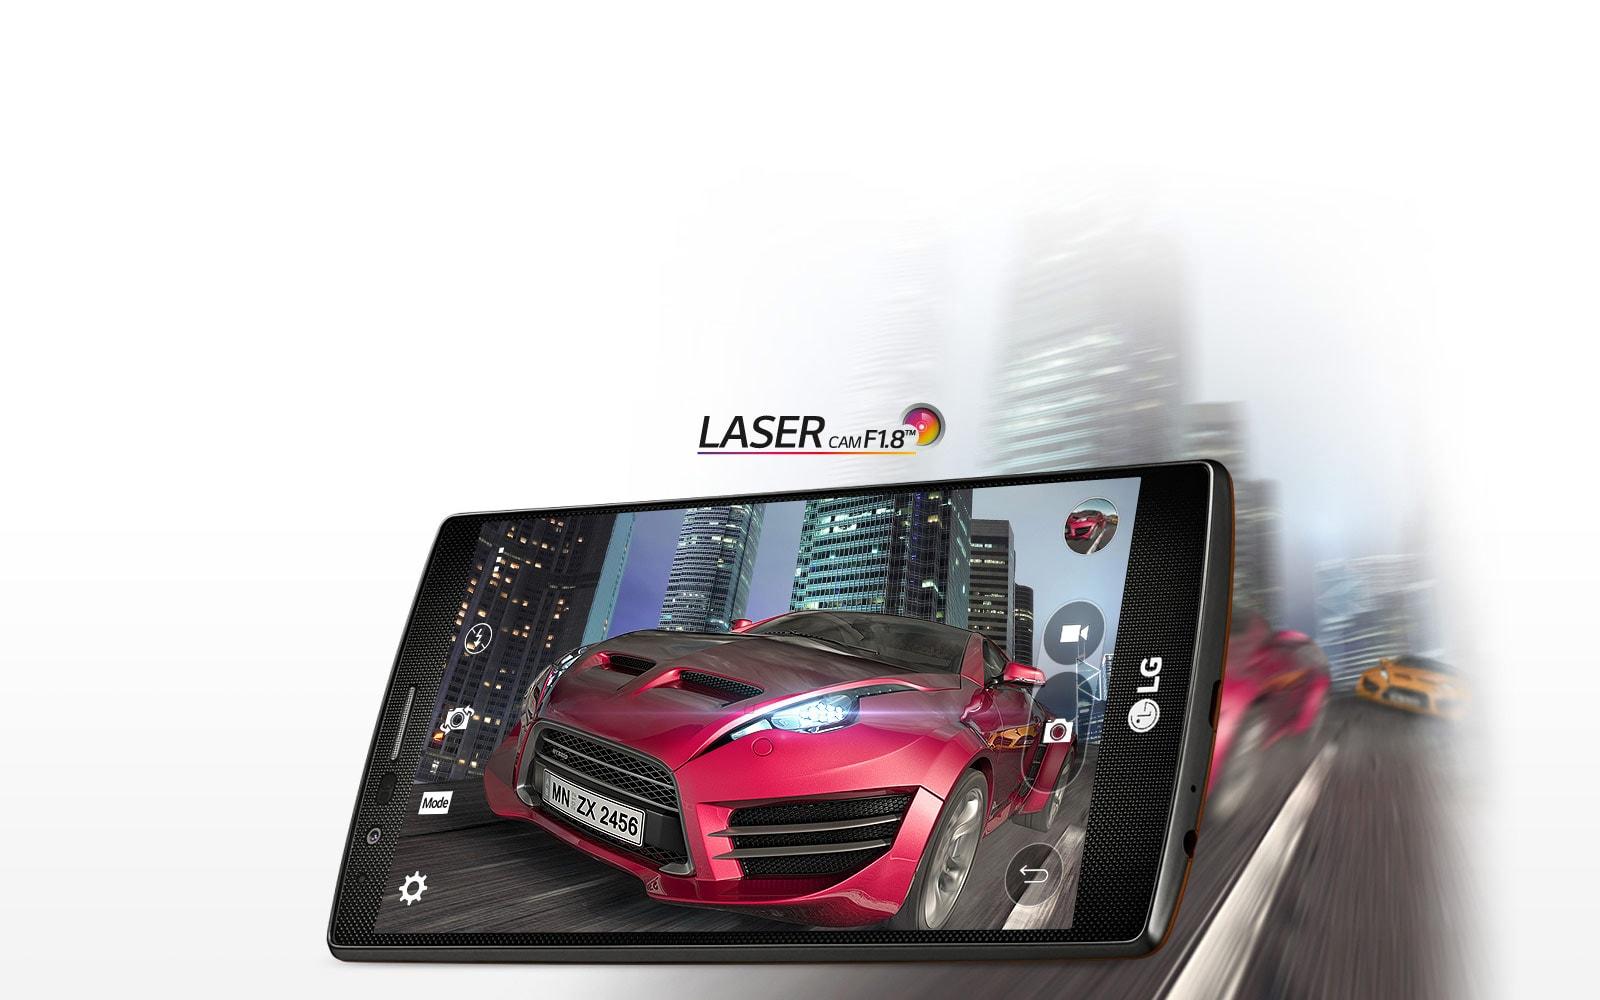 Laser AF Camera and OIS 2.0